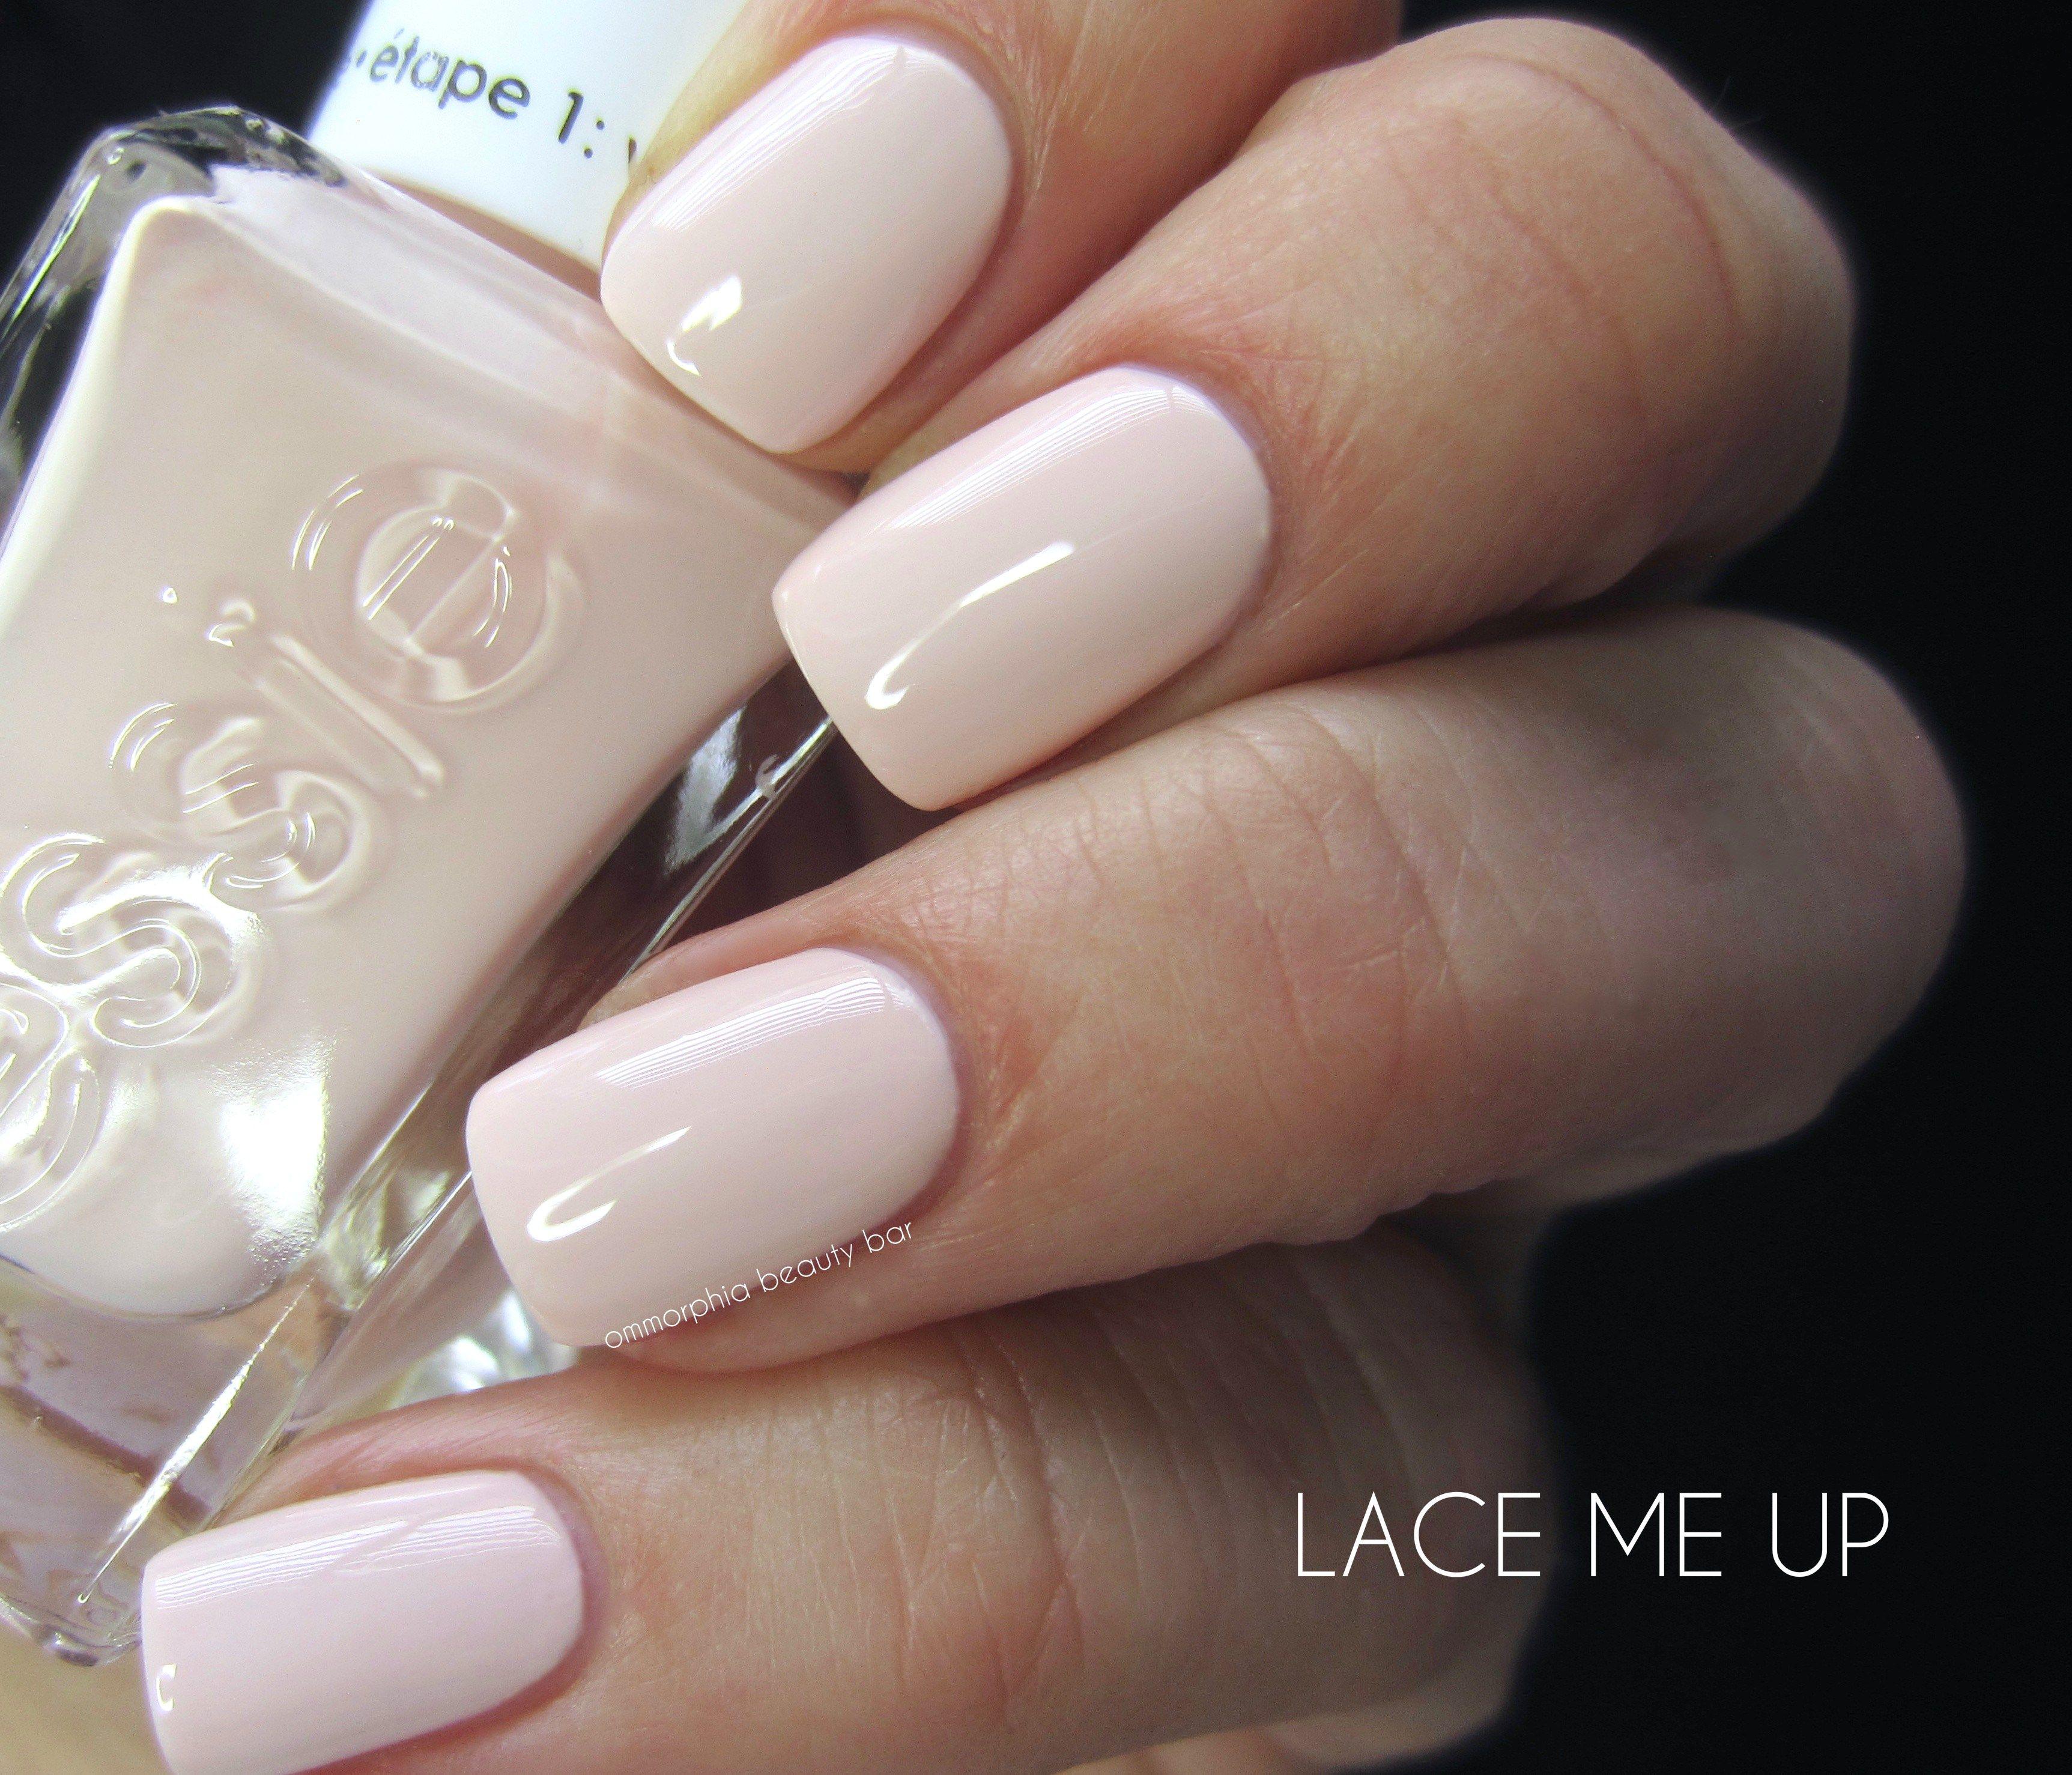 Image result for nails gel ballerina white | hustle | Pinterest ...